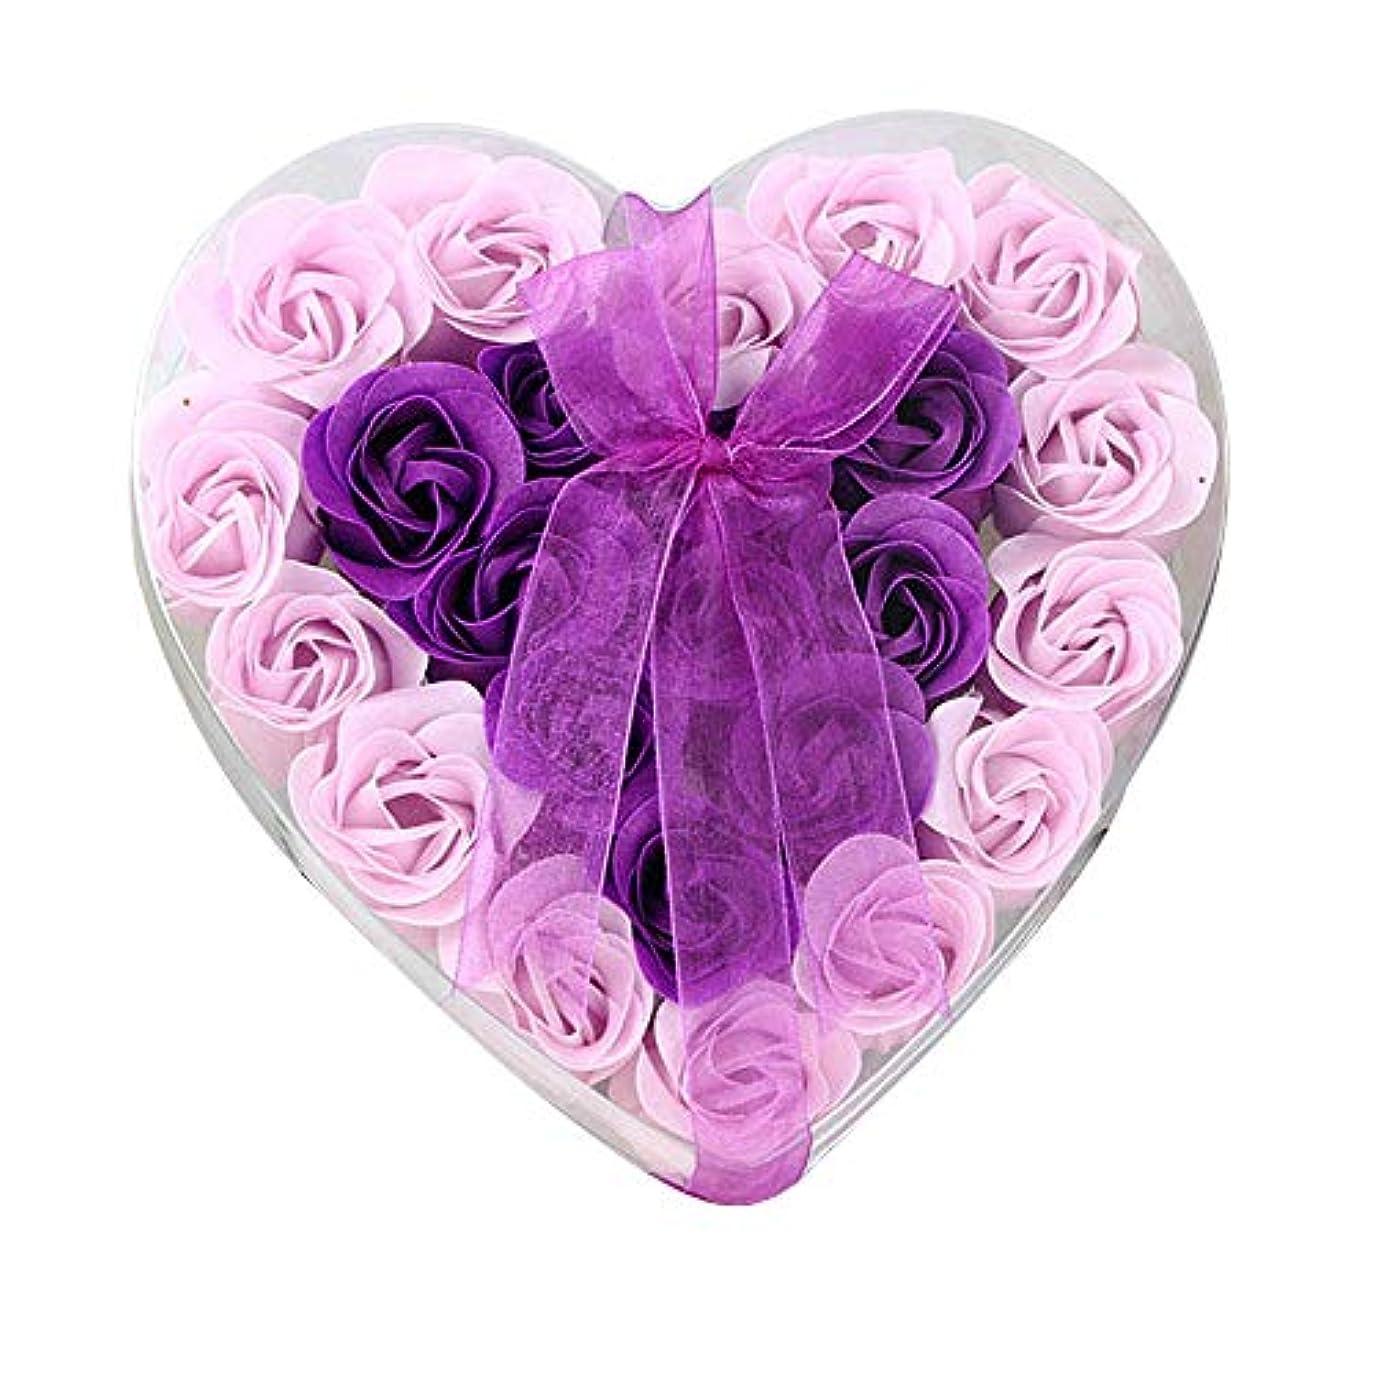 排泄する退屈な窓24個の手作りのローズ香りのバスソープの花びら香りのバスソープは、ギフトボックスの花びらをバラ (色 : 紫の)